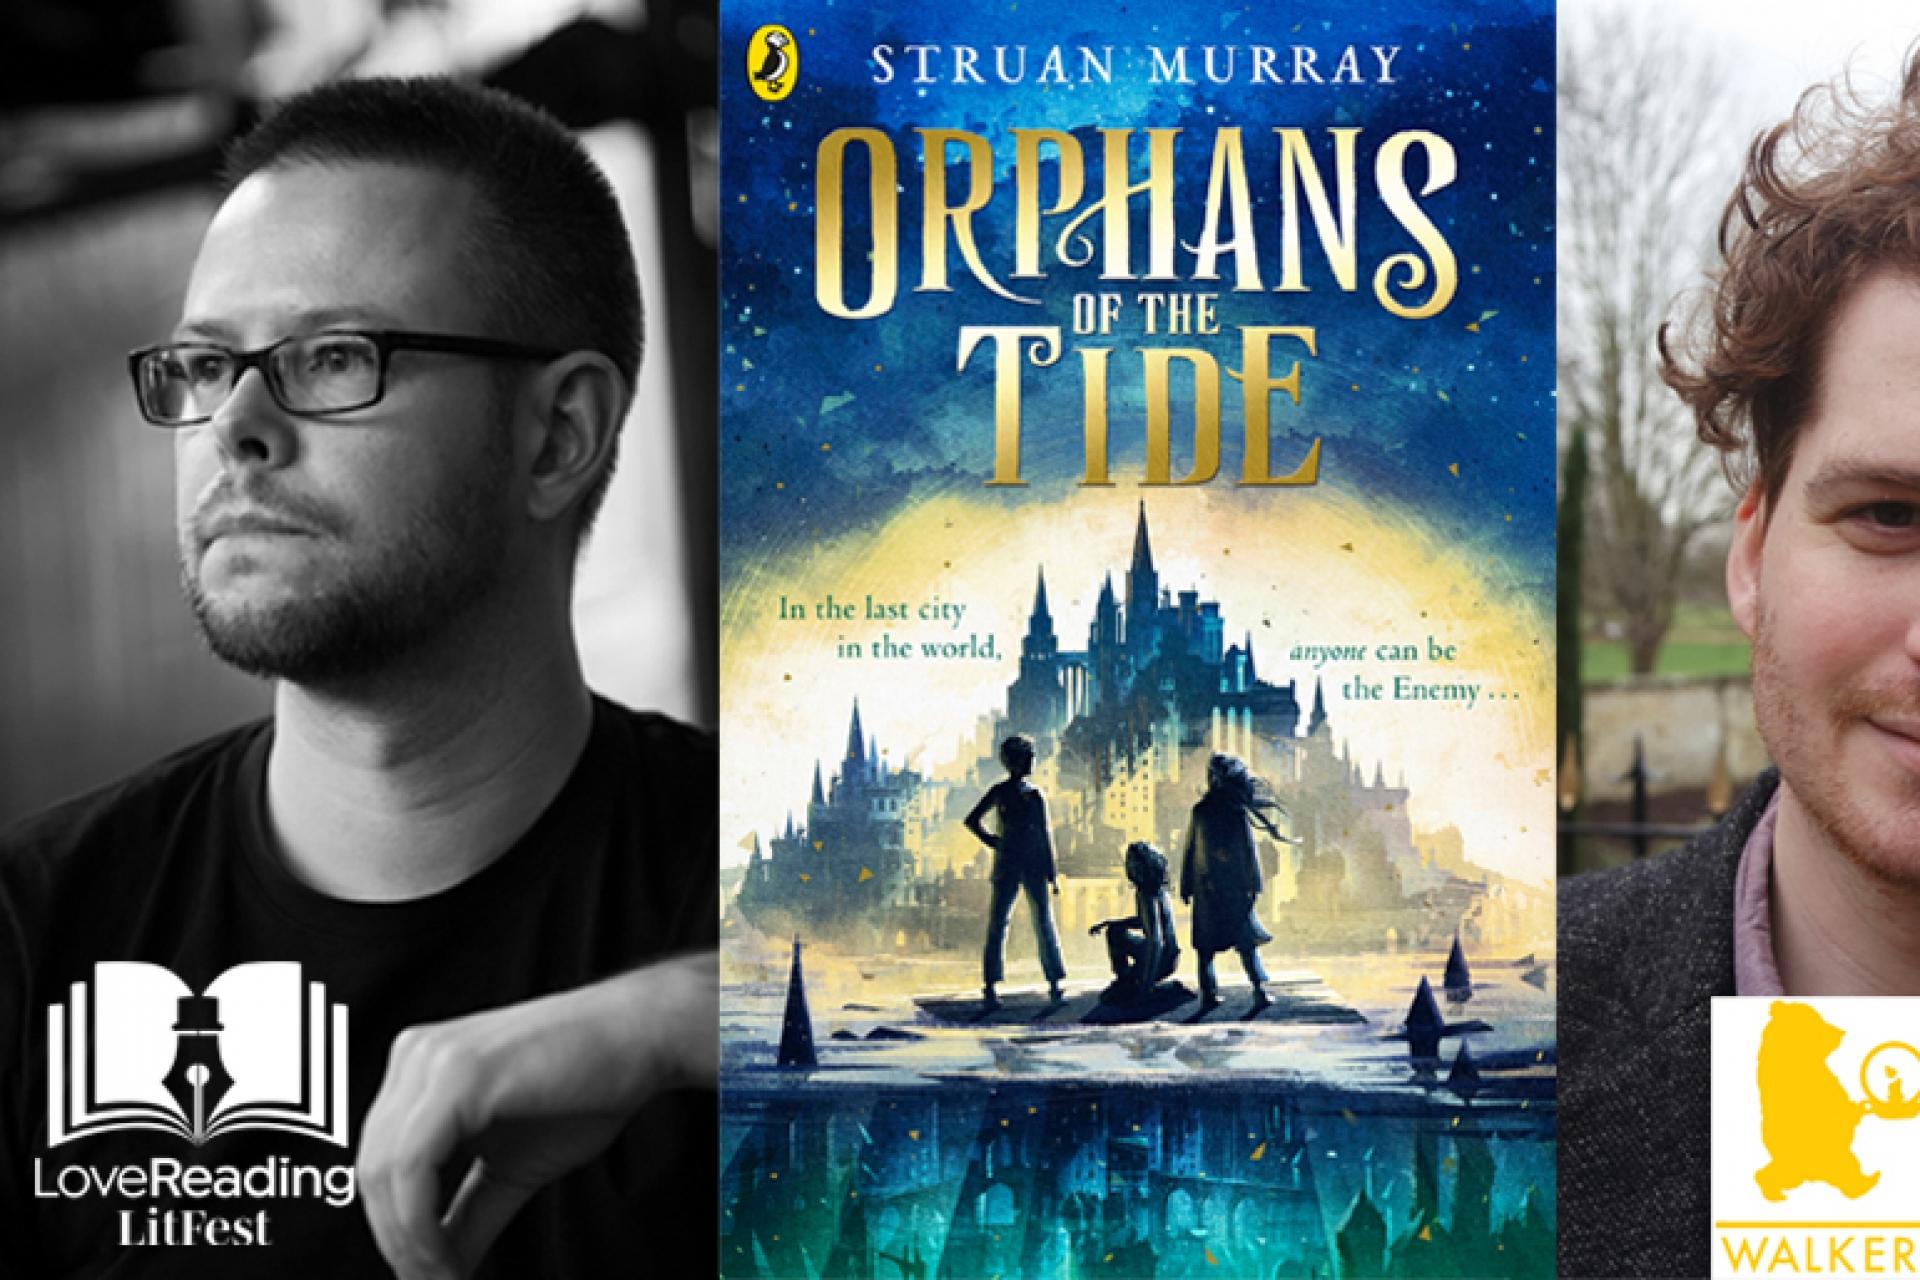 Struan Murray and Ben Horslen take the Branford Boase Award 2021 for their novel Orphans of the Tide